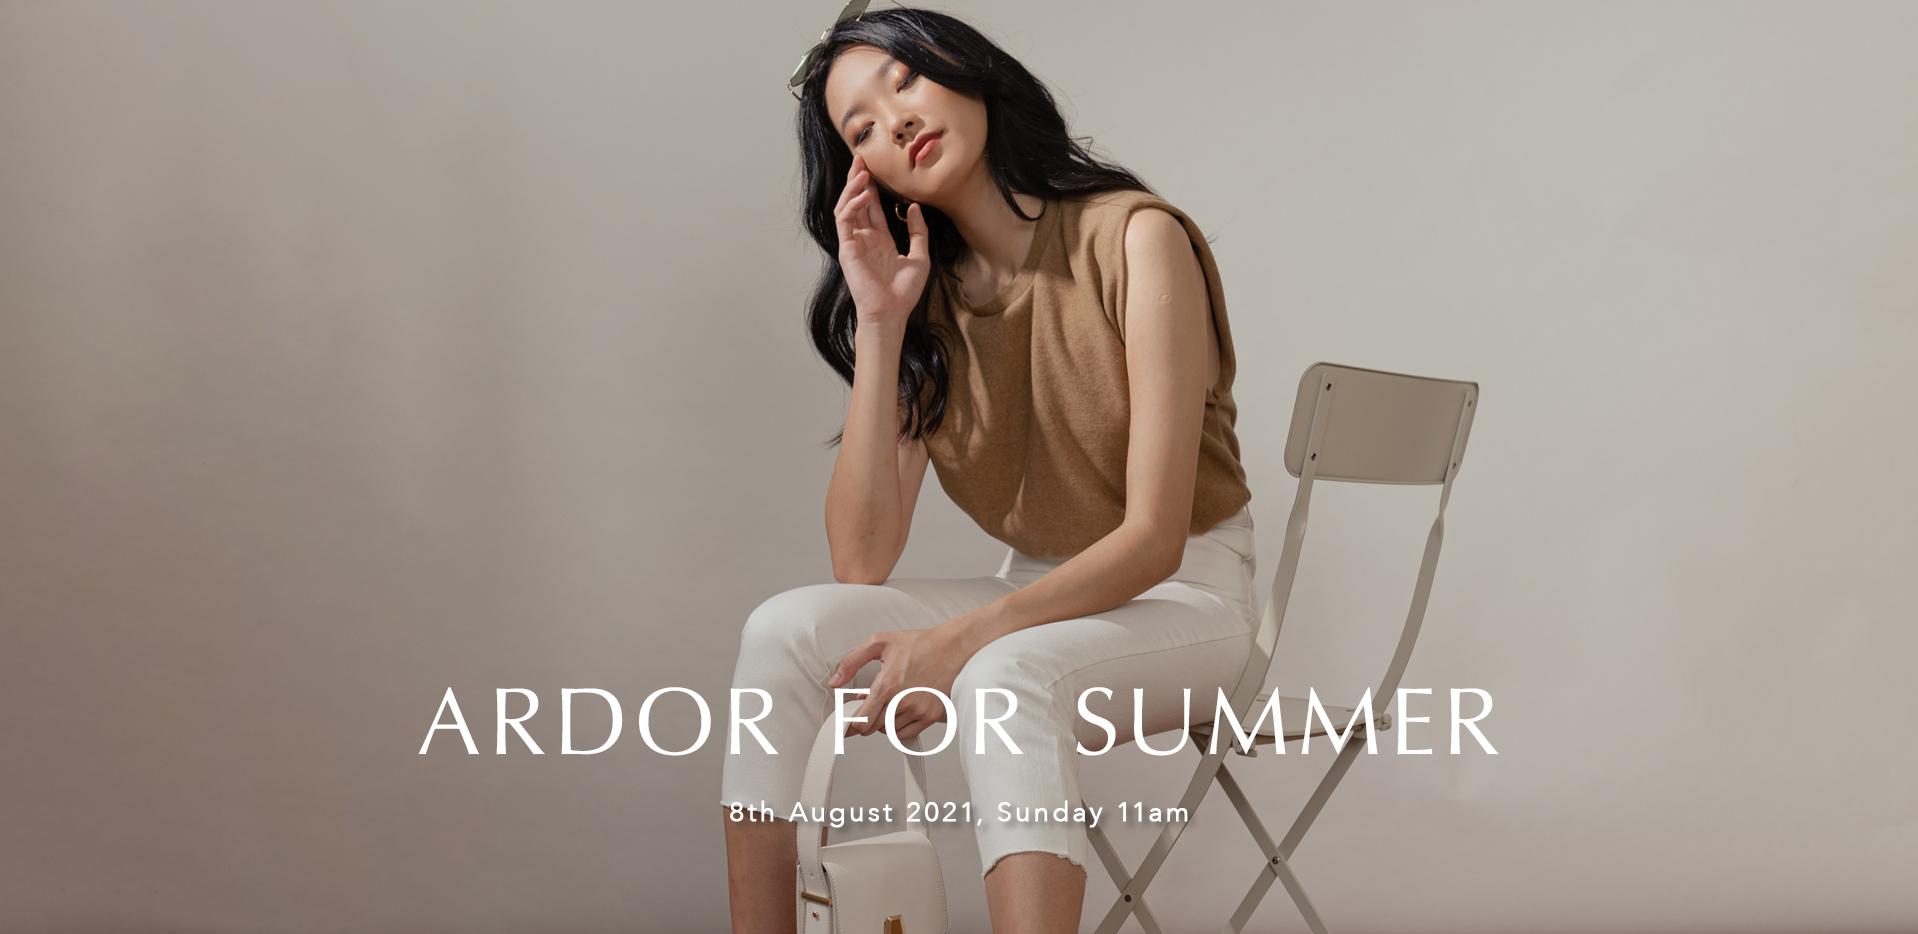 ARDOR FOR SUMMER